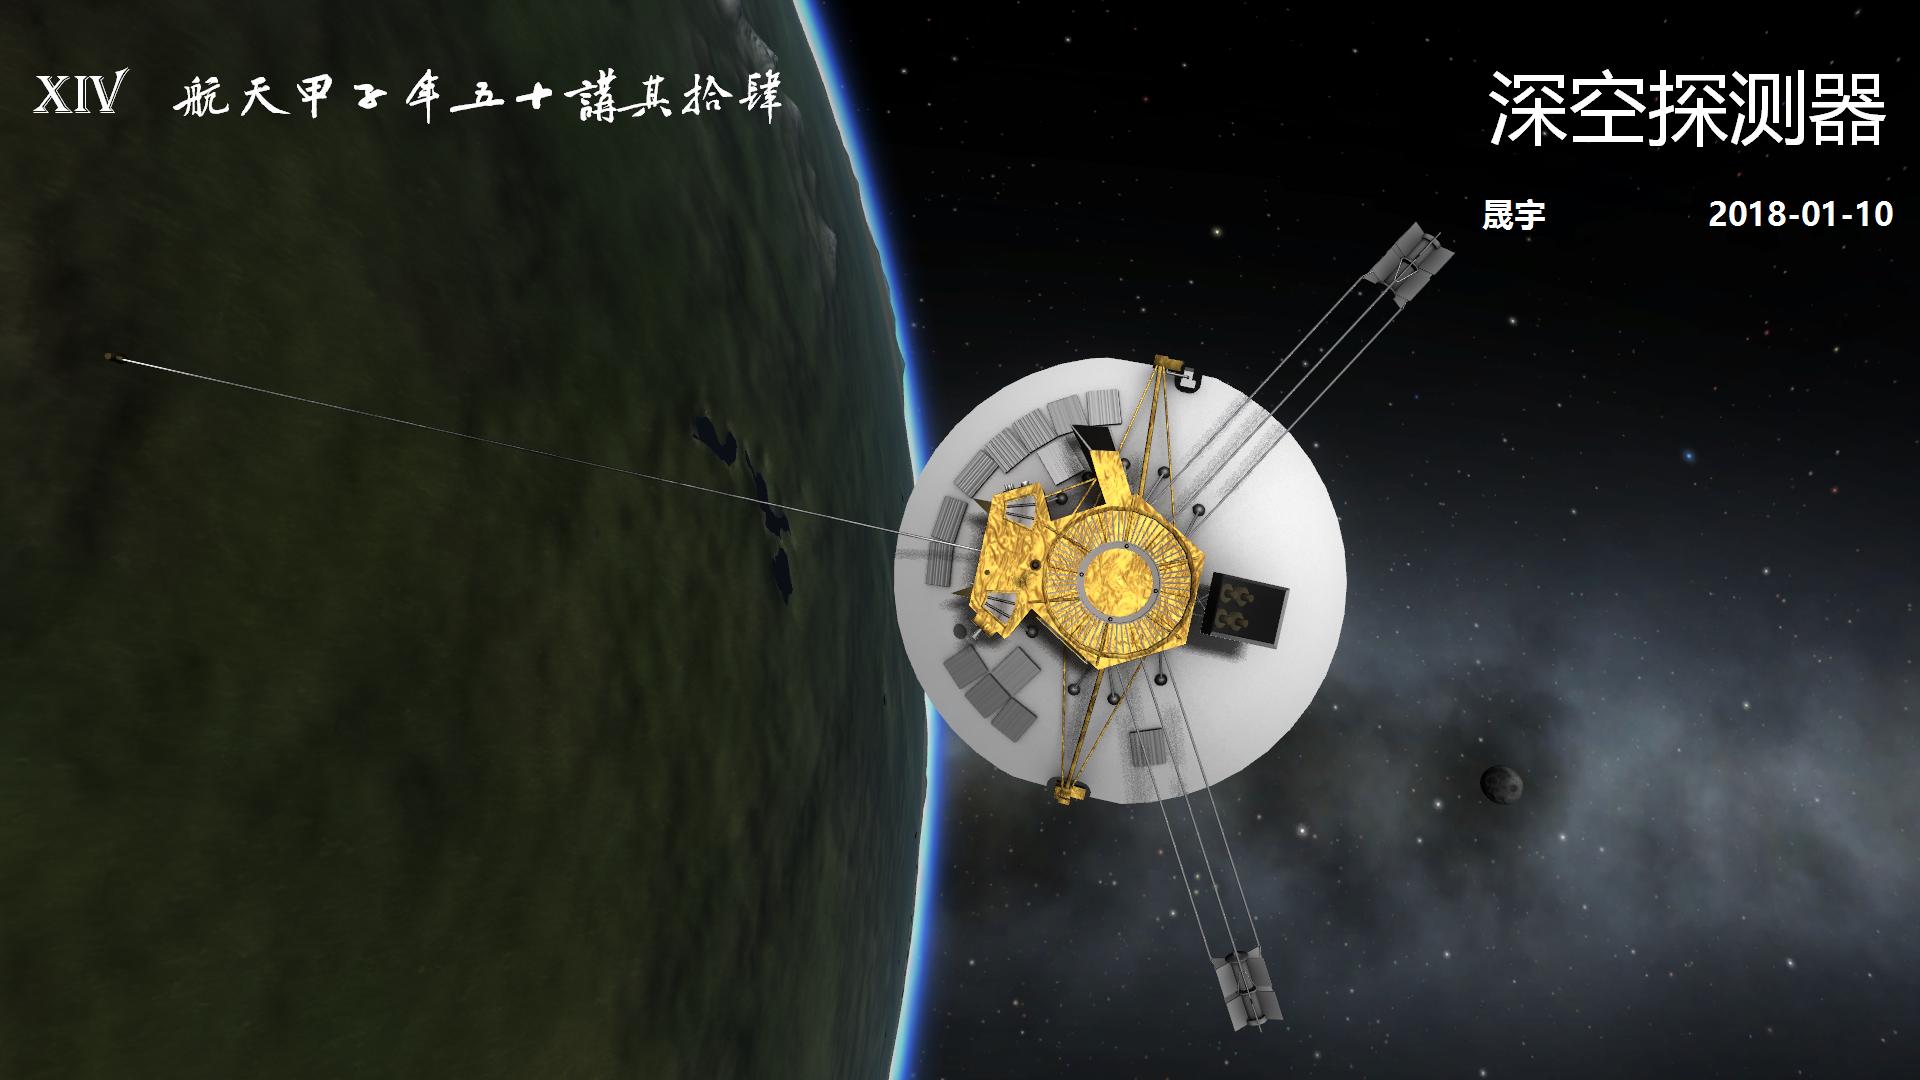 【航天甲子年50讲】 14 深空探测器